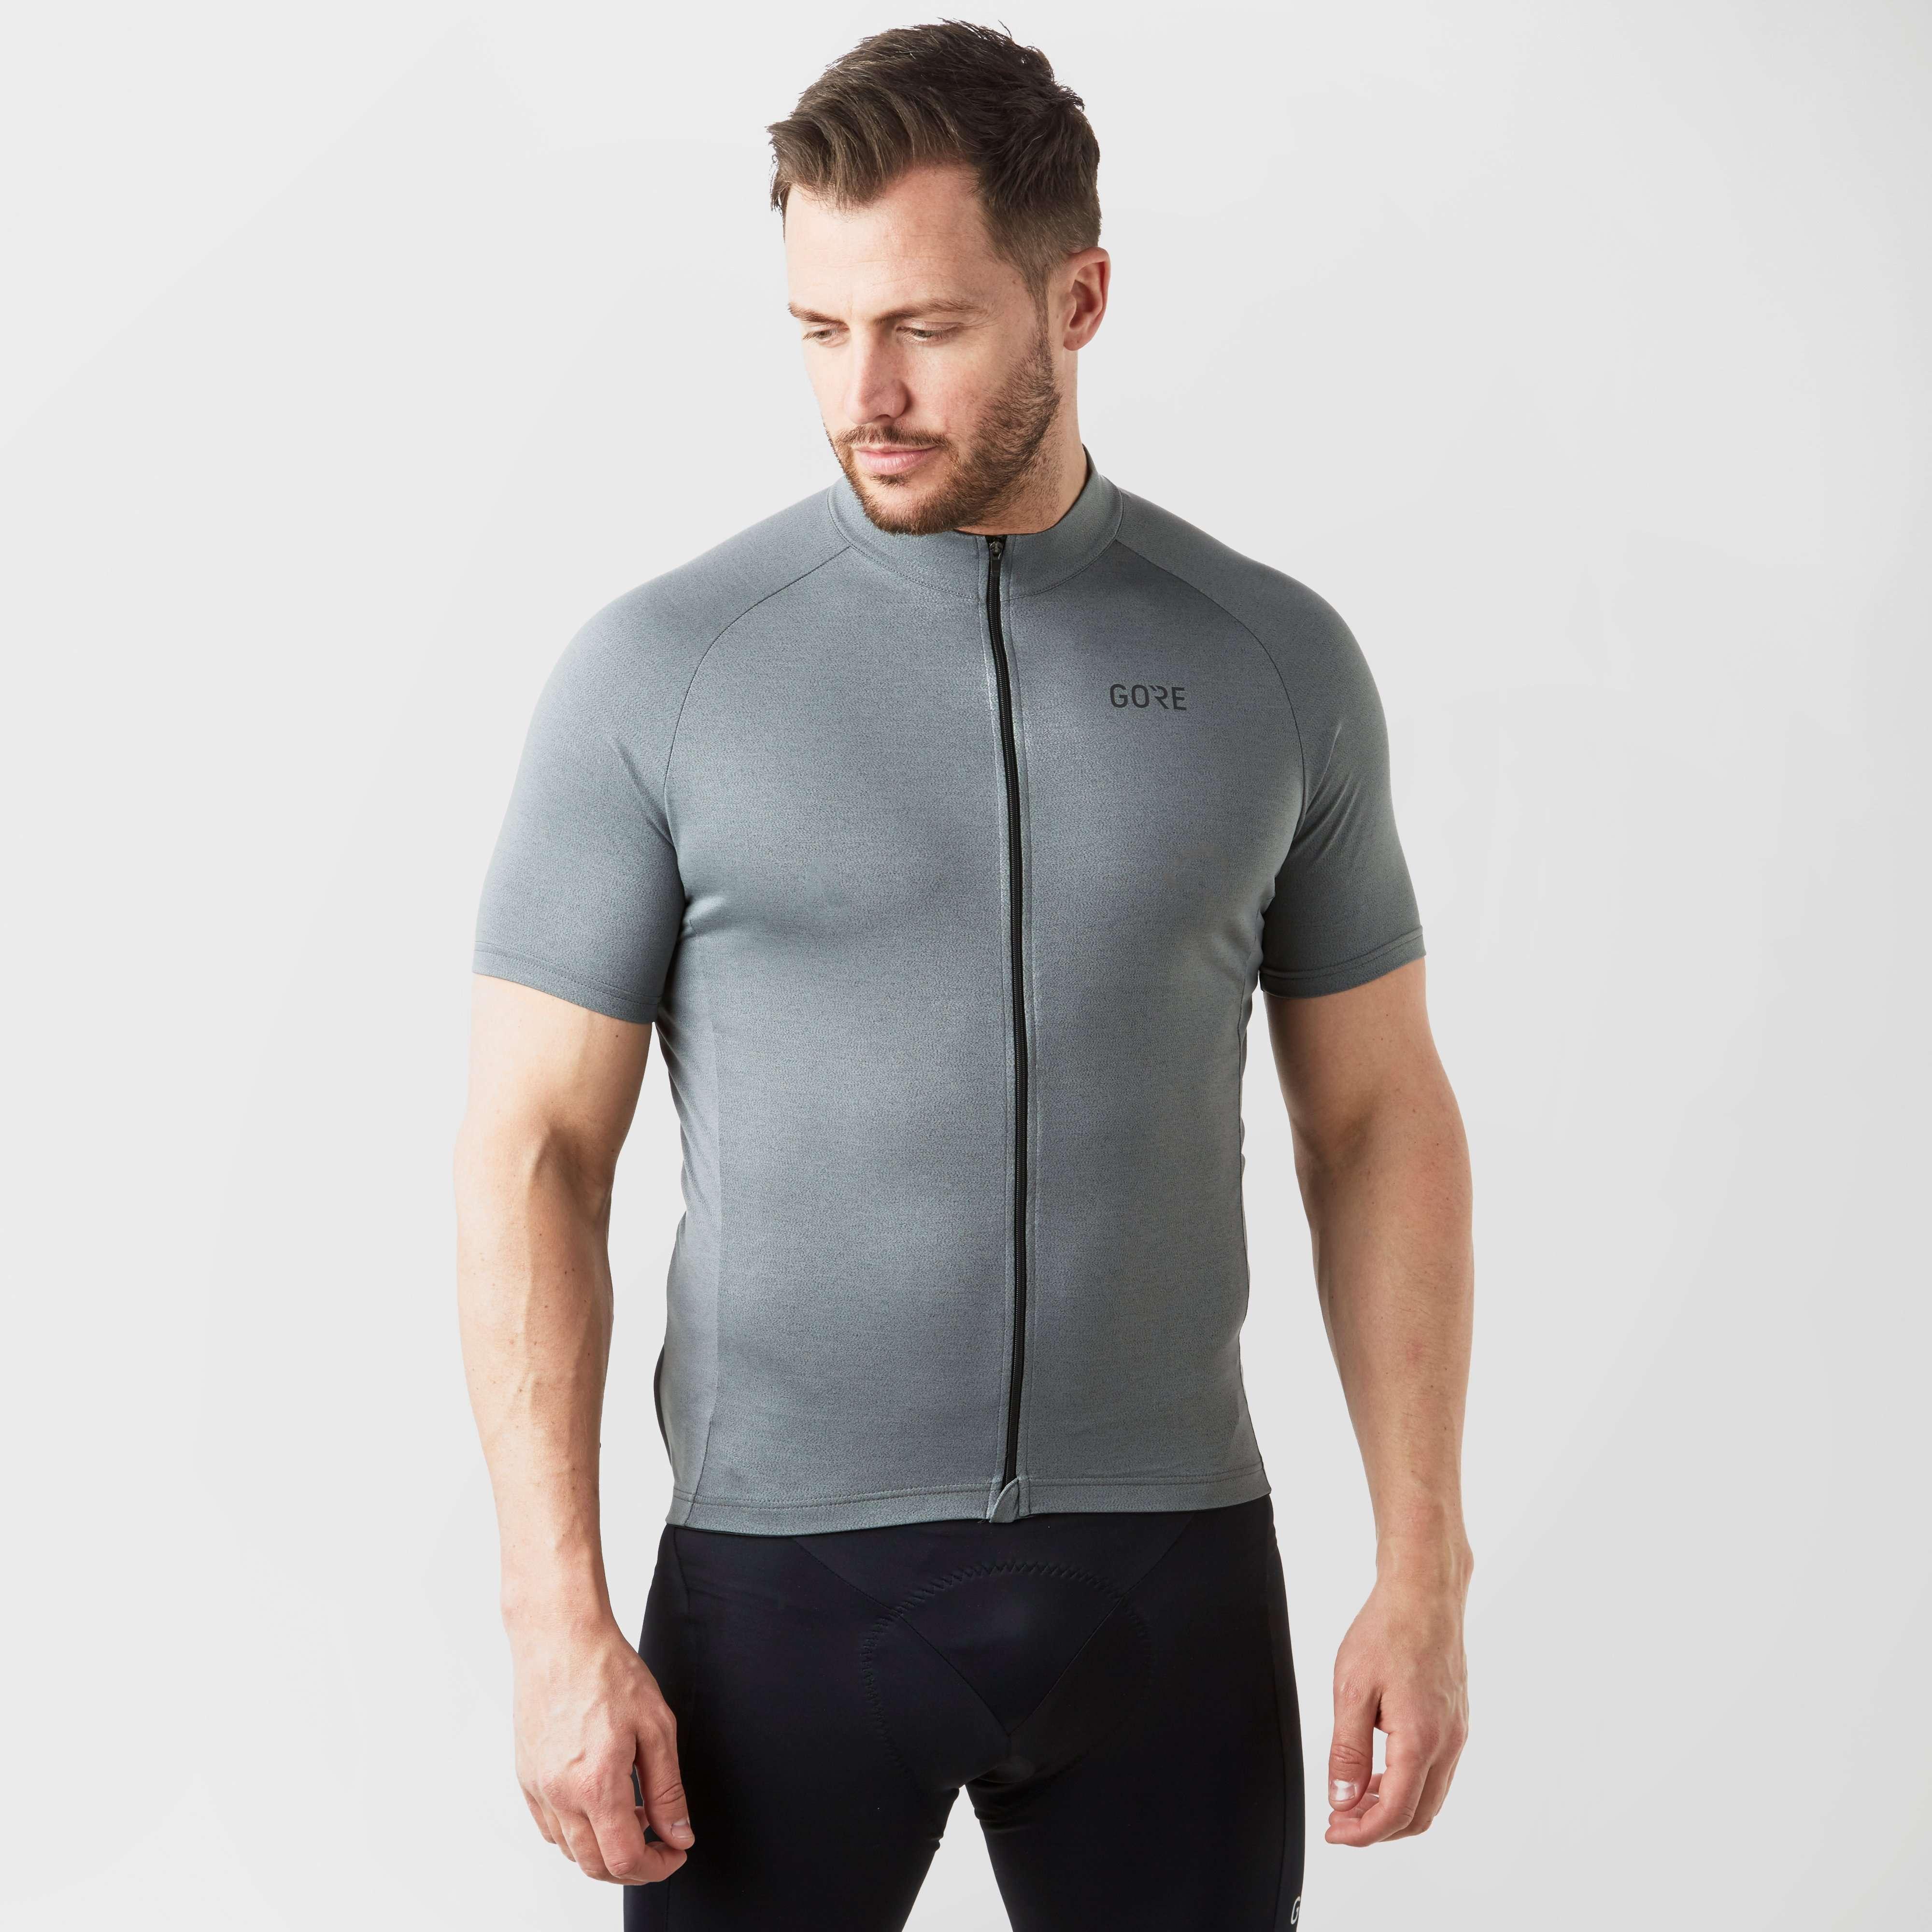 GORE Men's C3 Cycling Jersey